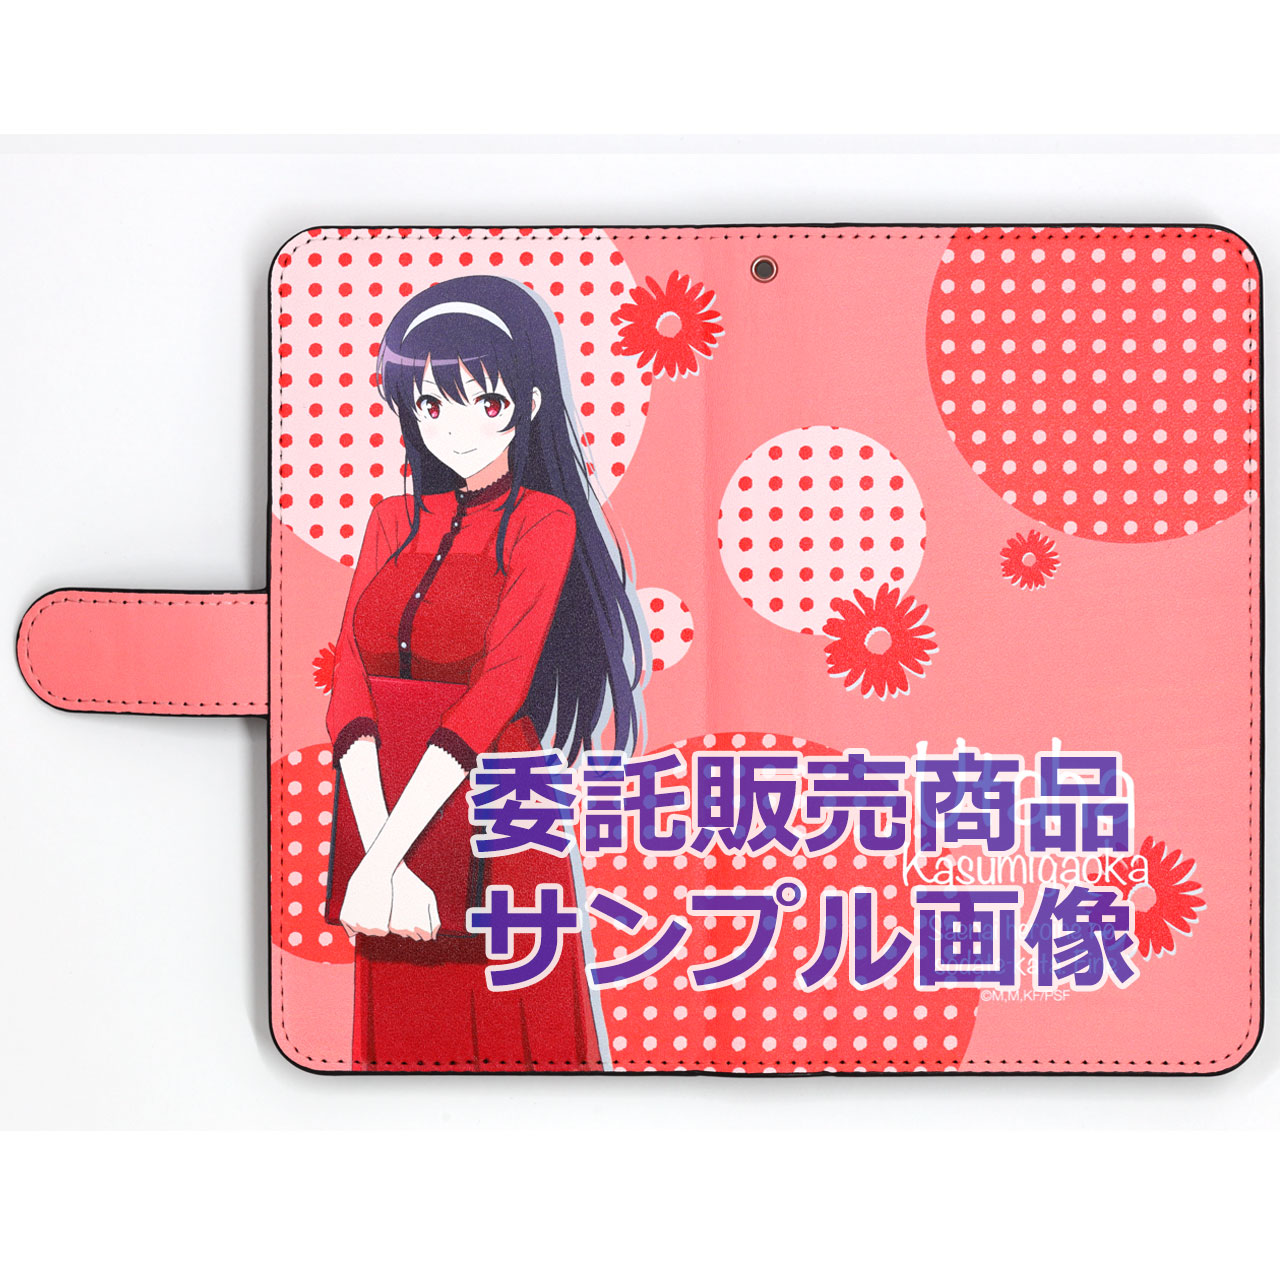 手帳型スマートフォンケース 霞ヶ丘詩羽